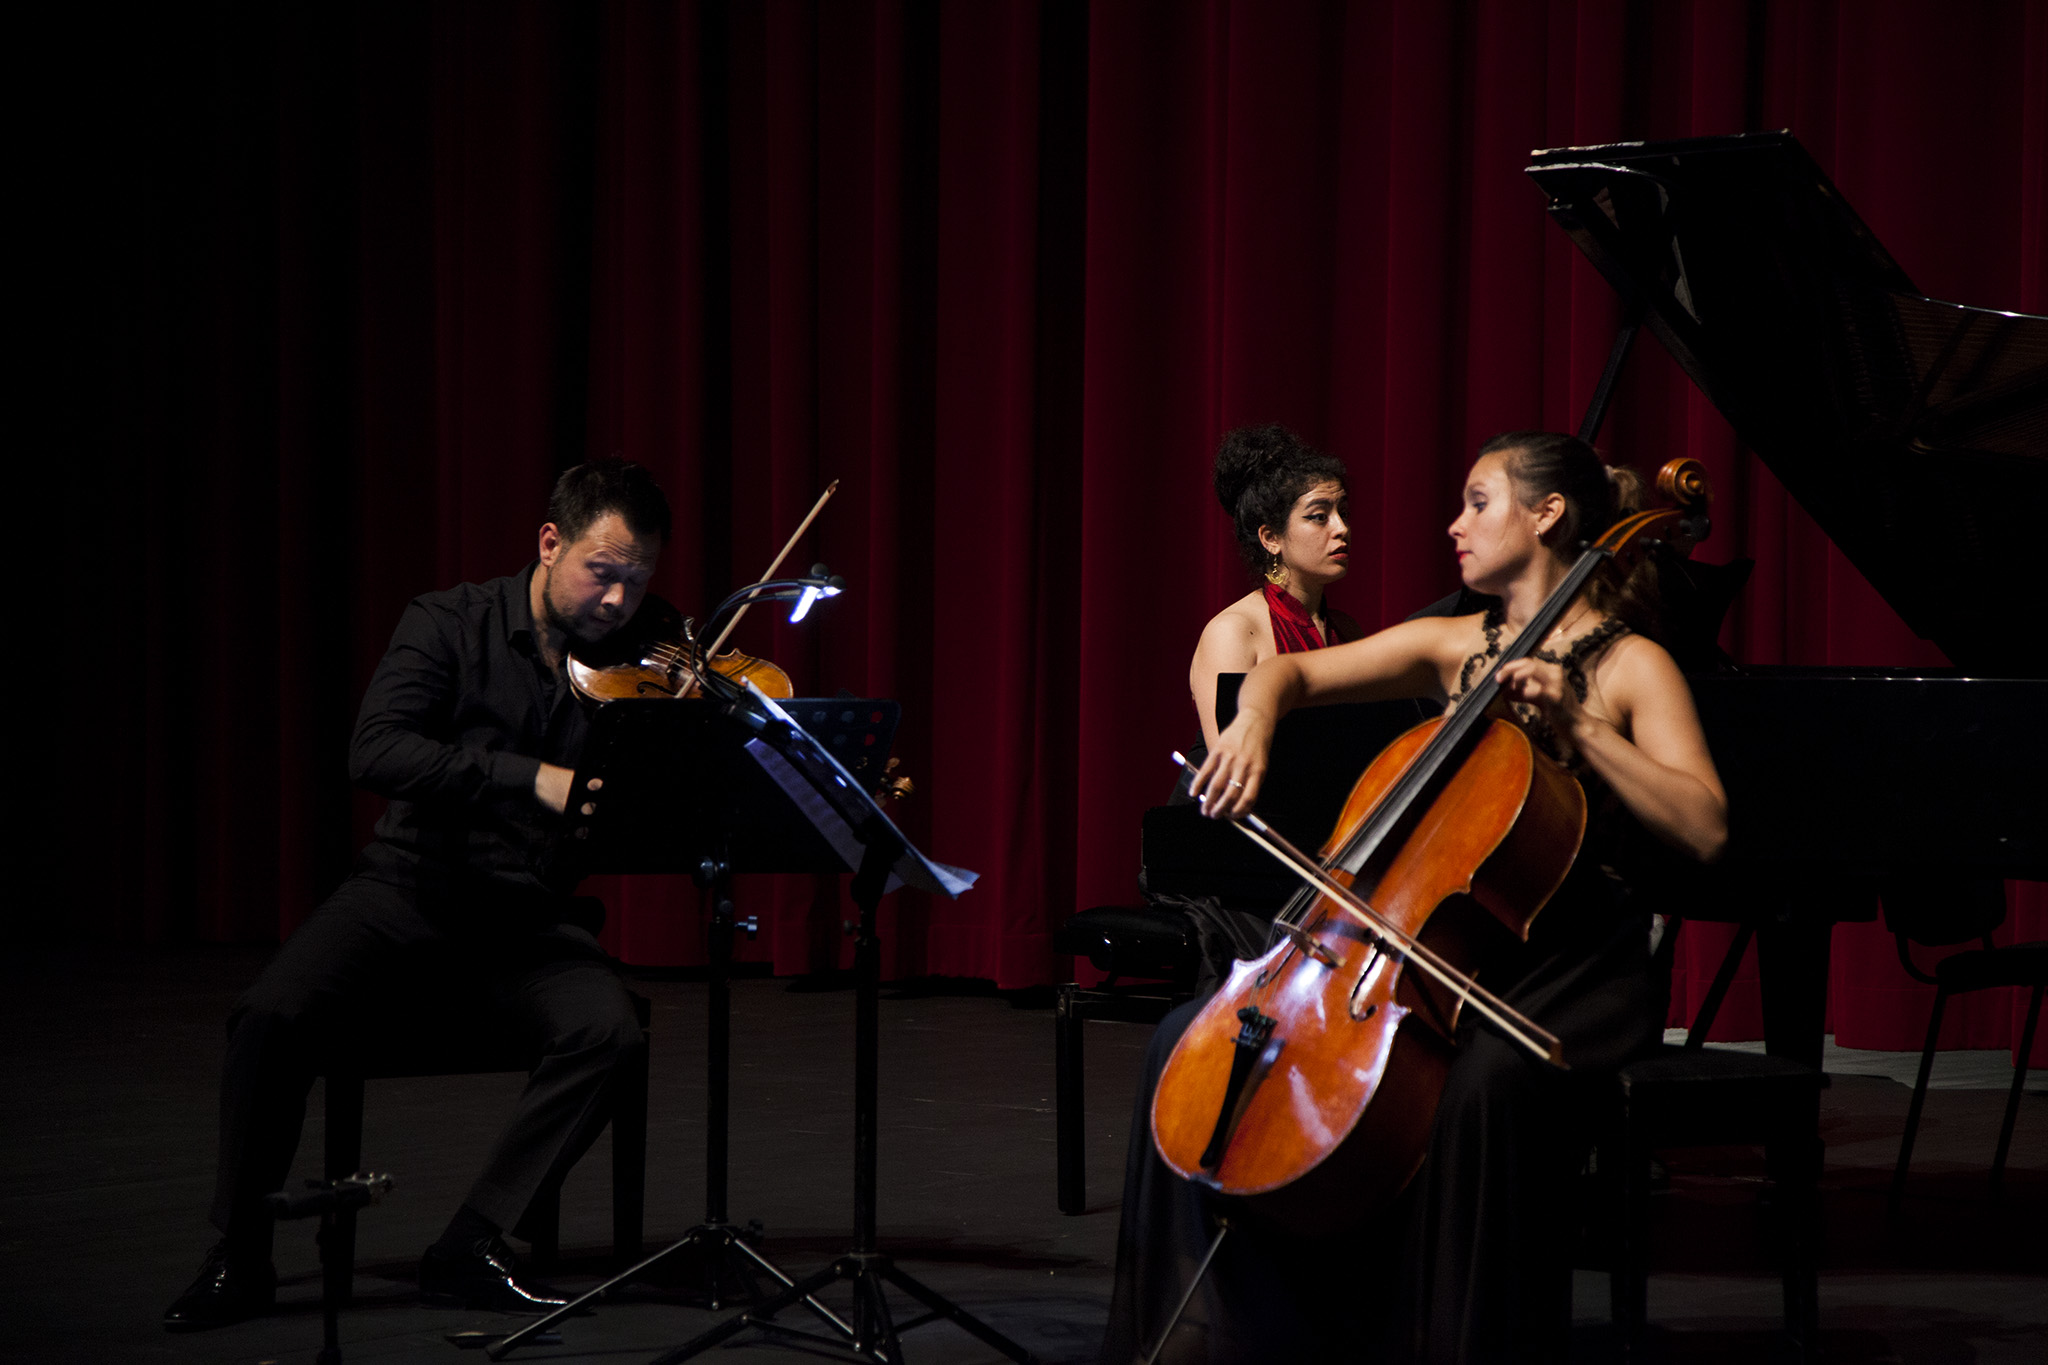 Αλεξία Μουζά (πιάνο), Felix Froschhammer (βιολί) και Indira Rahmatulla (βιολοντσέλο) στην Κεντρική Σκηνή του Μεγάρου Χορού Καλαμάτας στις Διεθνείς Μουσικές Ημέρες Καλαμάτας 2019. φωτογράφος: Angel Sifontes